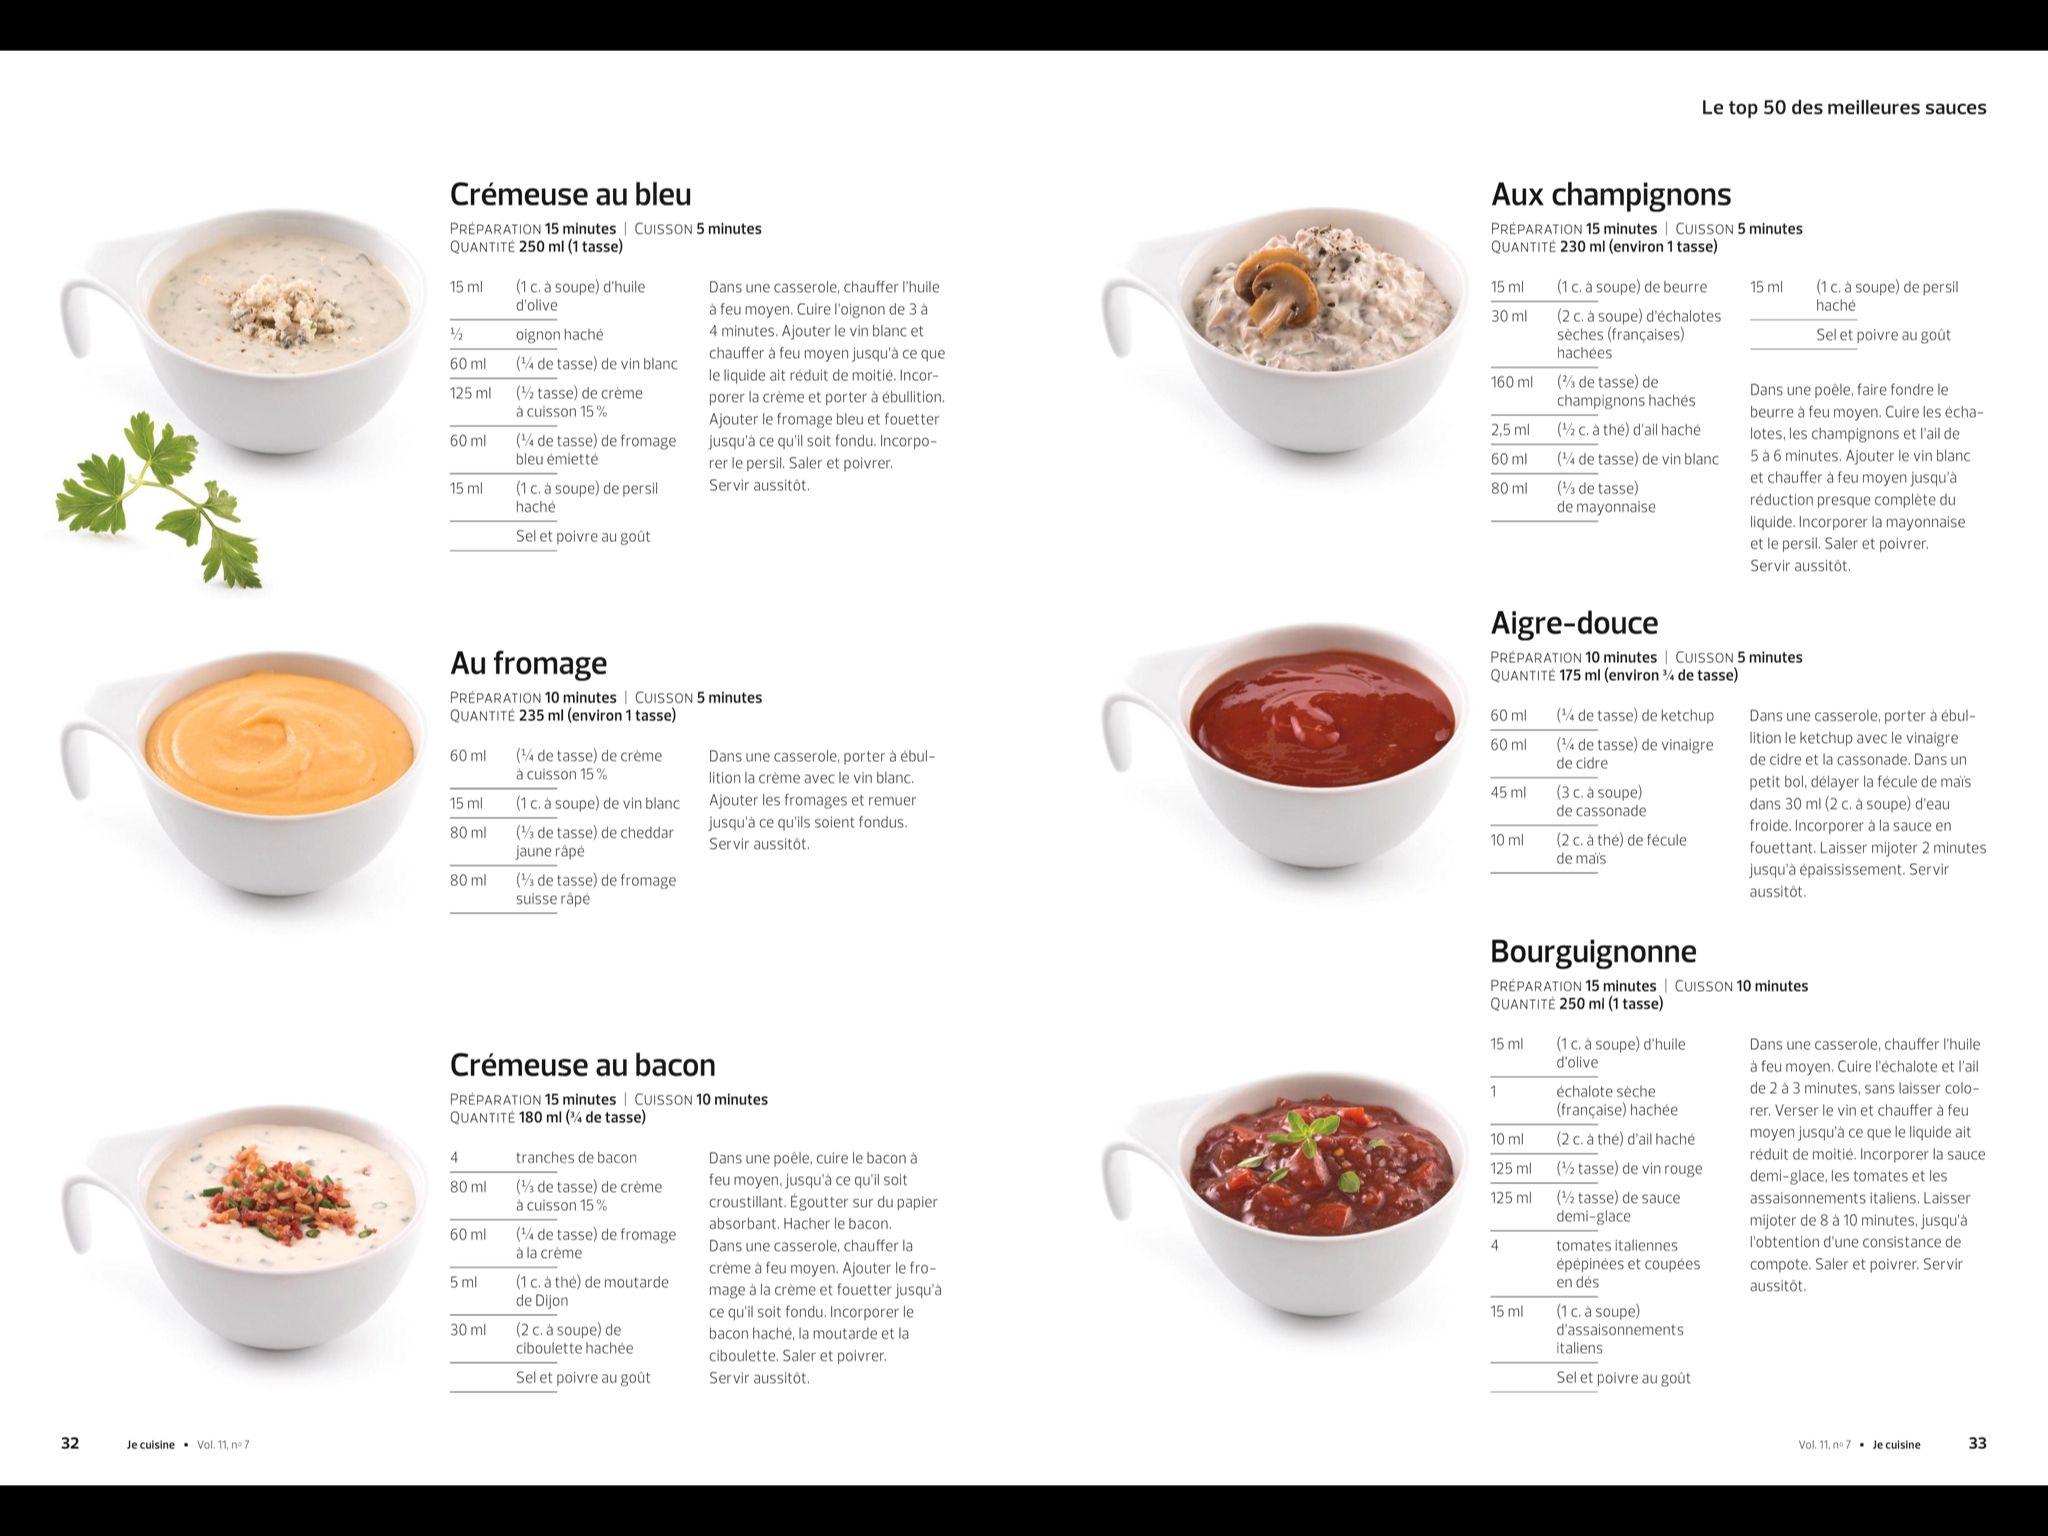 Le Top Des Meilleures Sauces De JE Cuisine Novembre - Appli cuisine